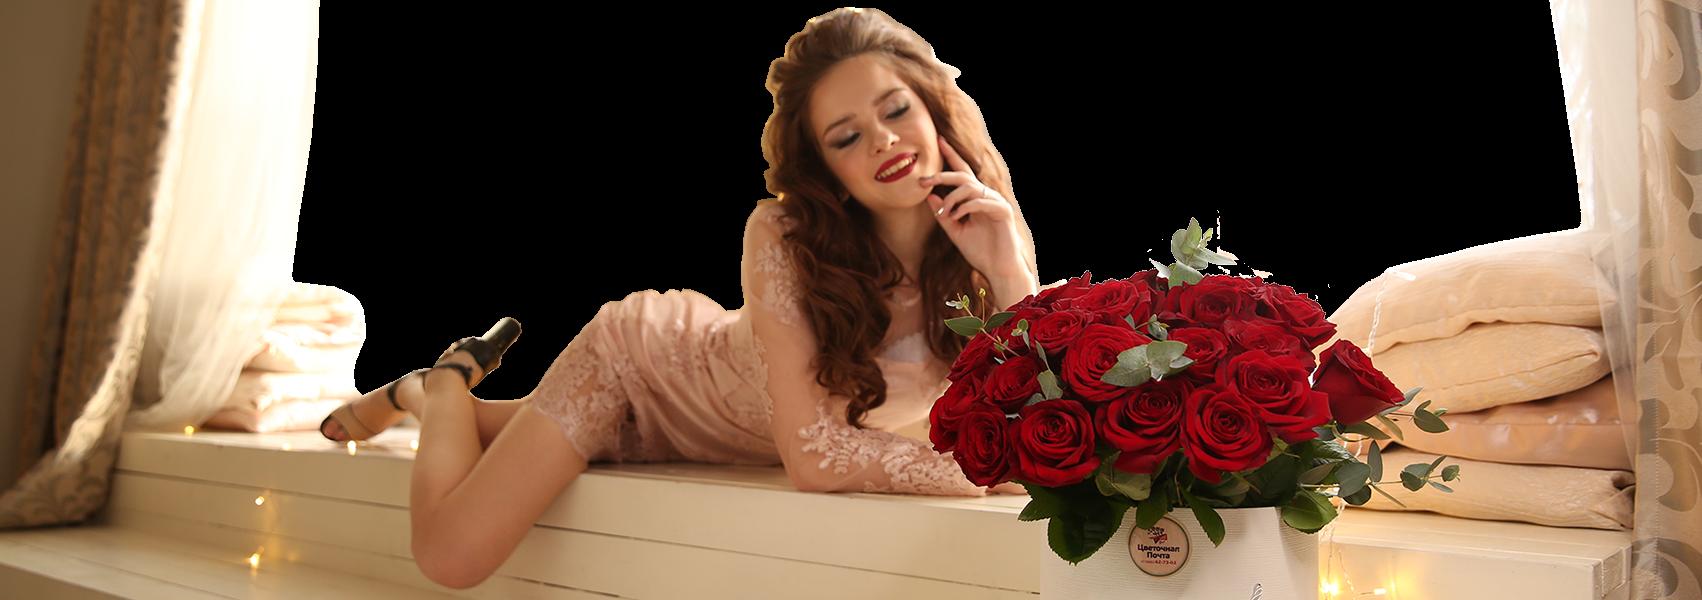 Быстрая доставка свежих цветов в Сургуте